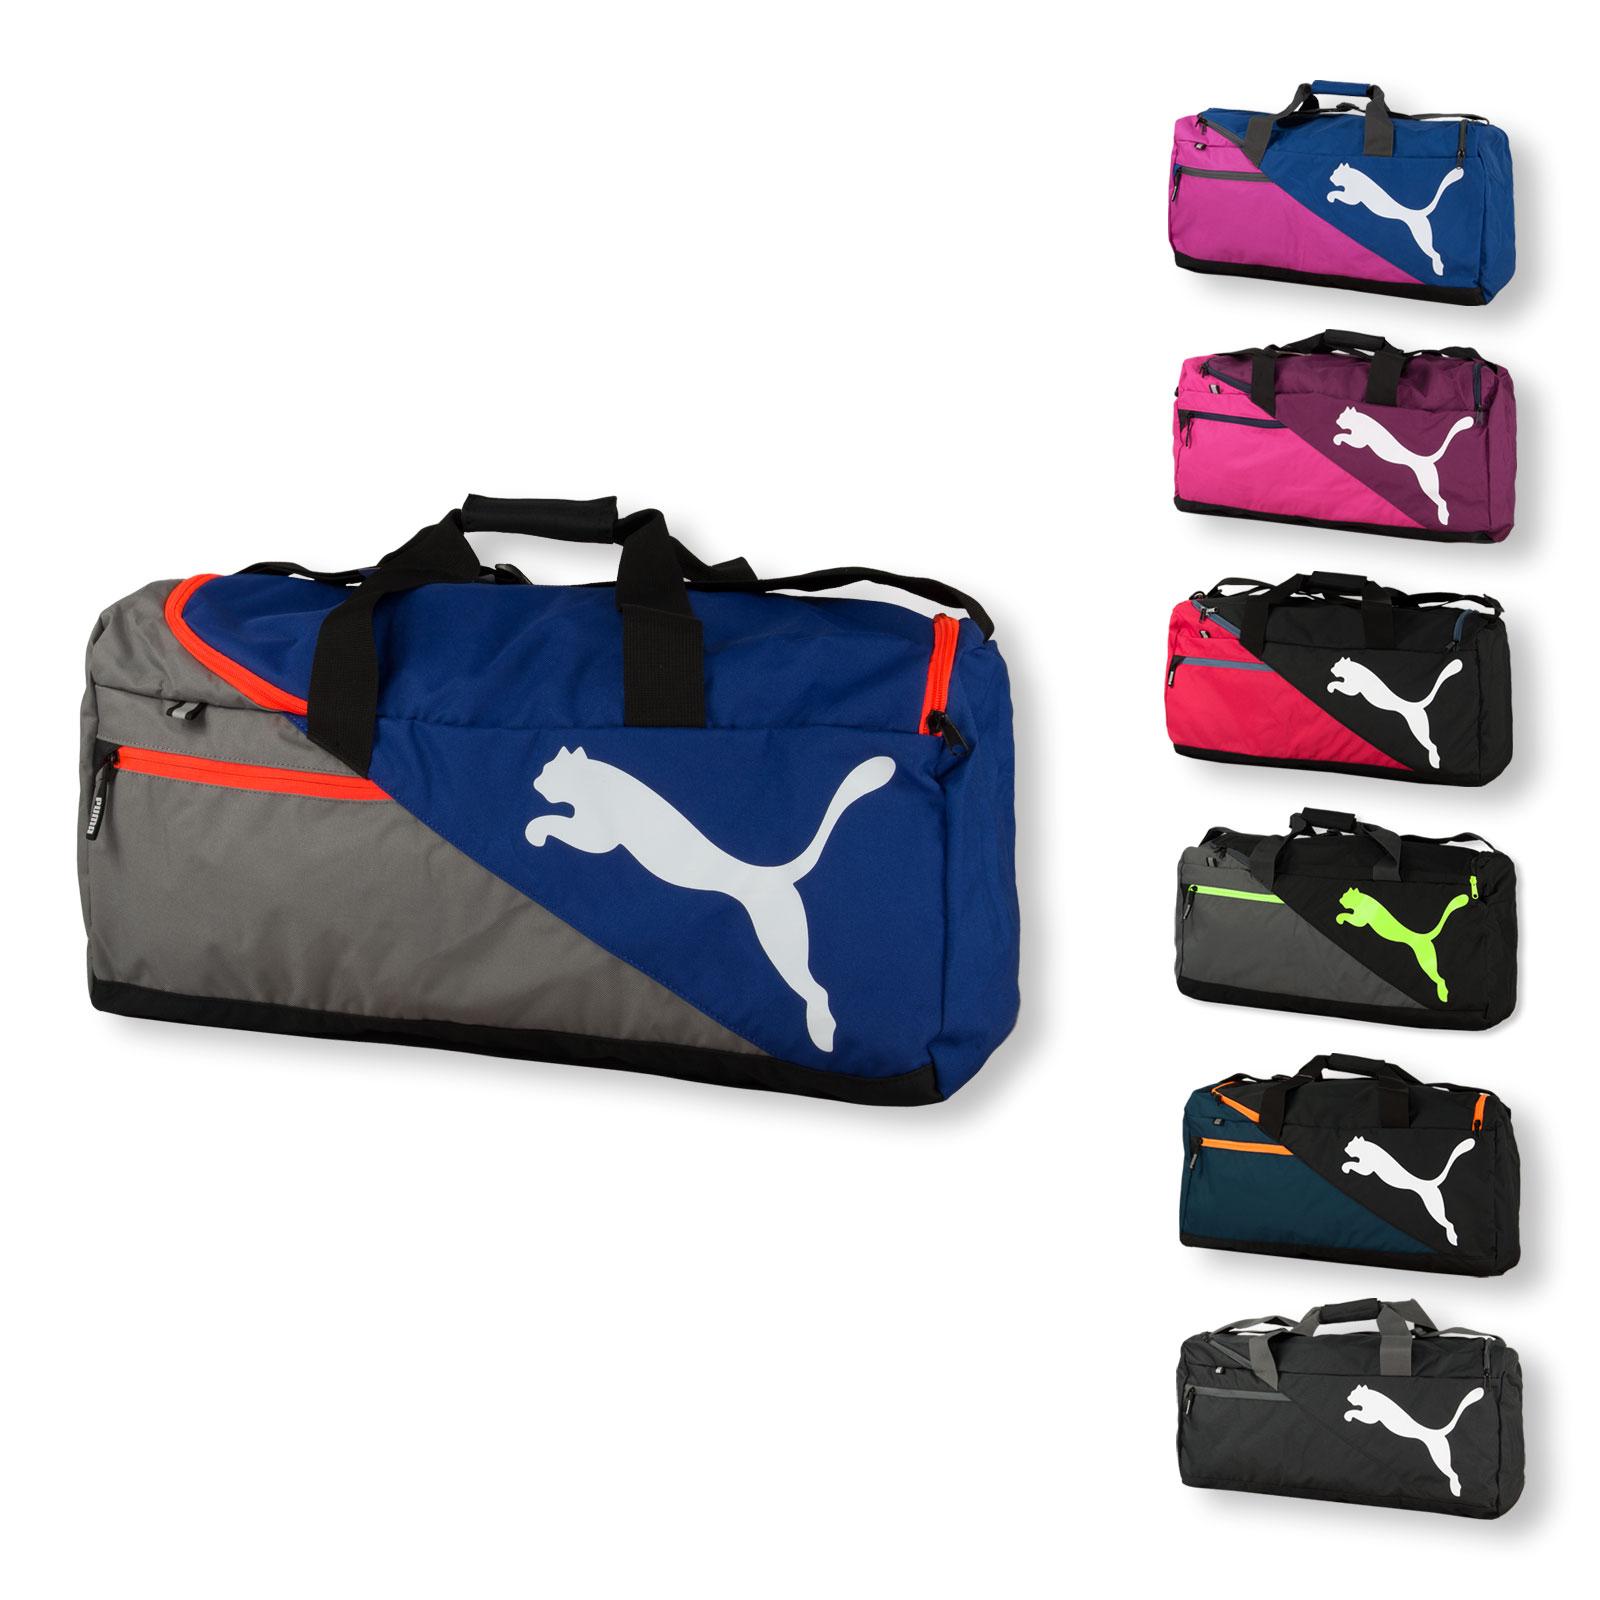 73ab1e3a76272 PUMA Sporttasche Umhängetasche Reisetasche Fundamentals Sports Bag M 073395  in black ...